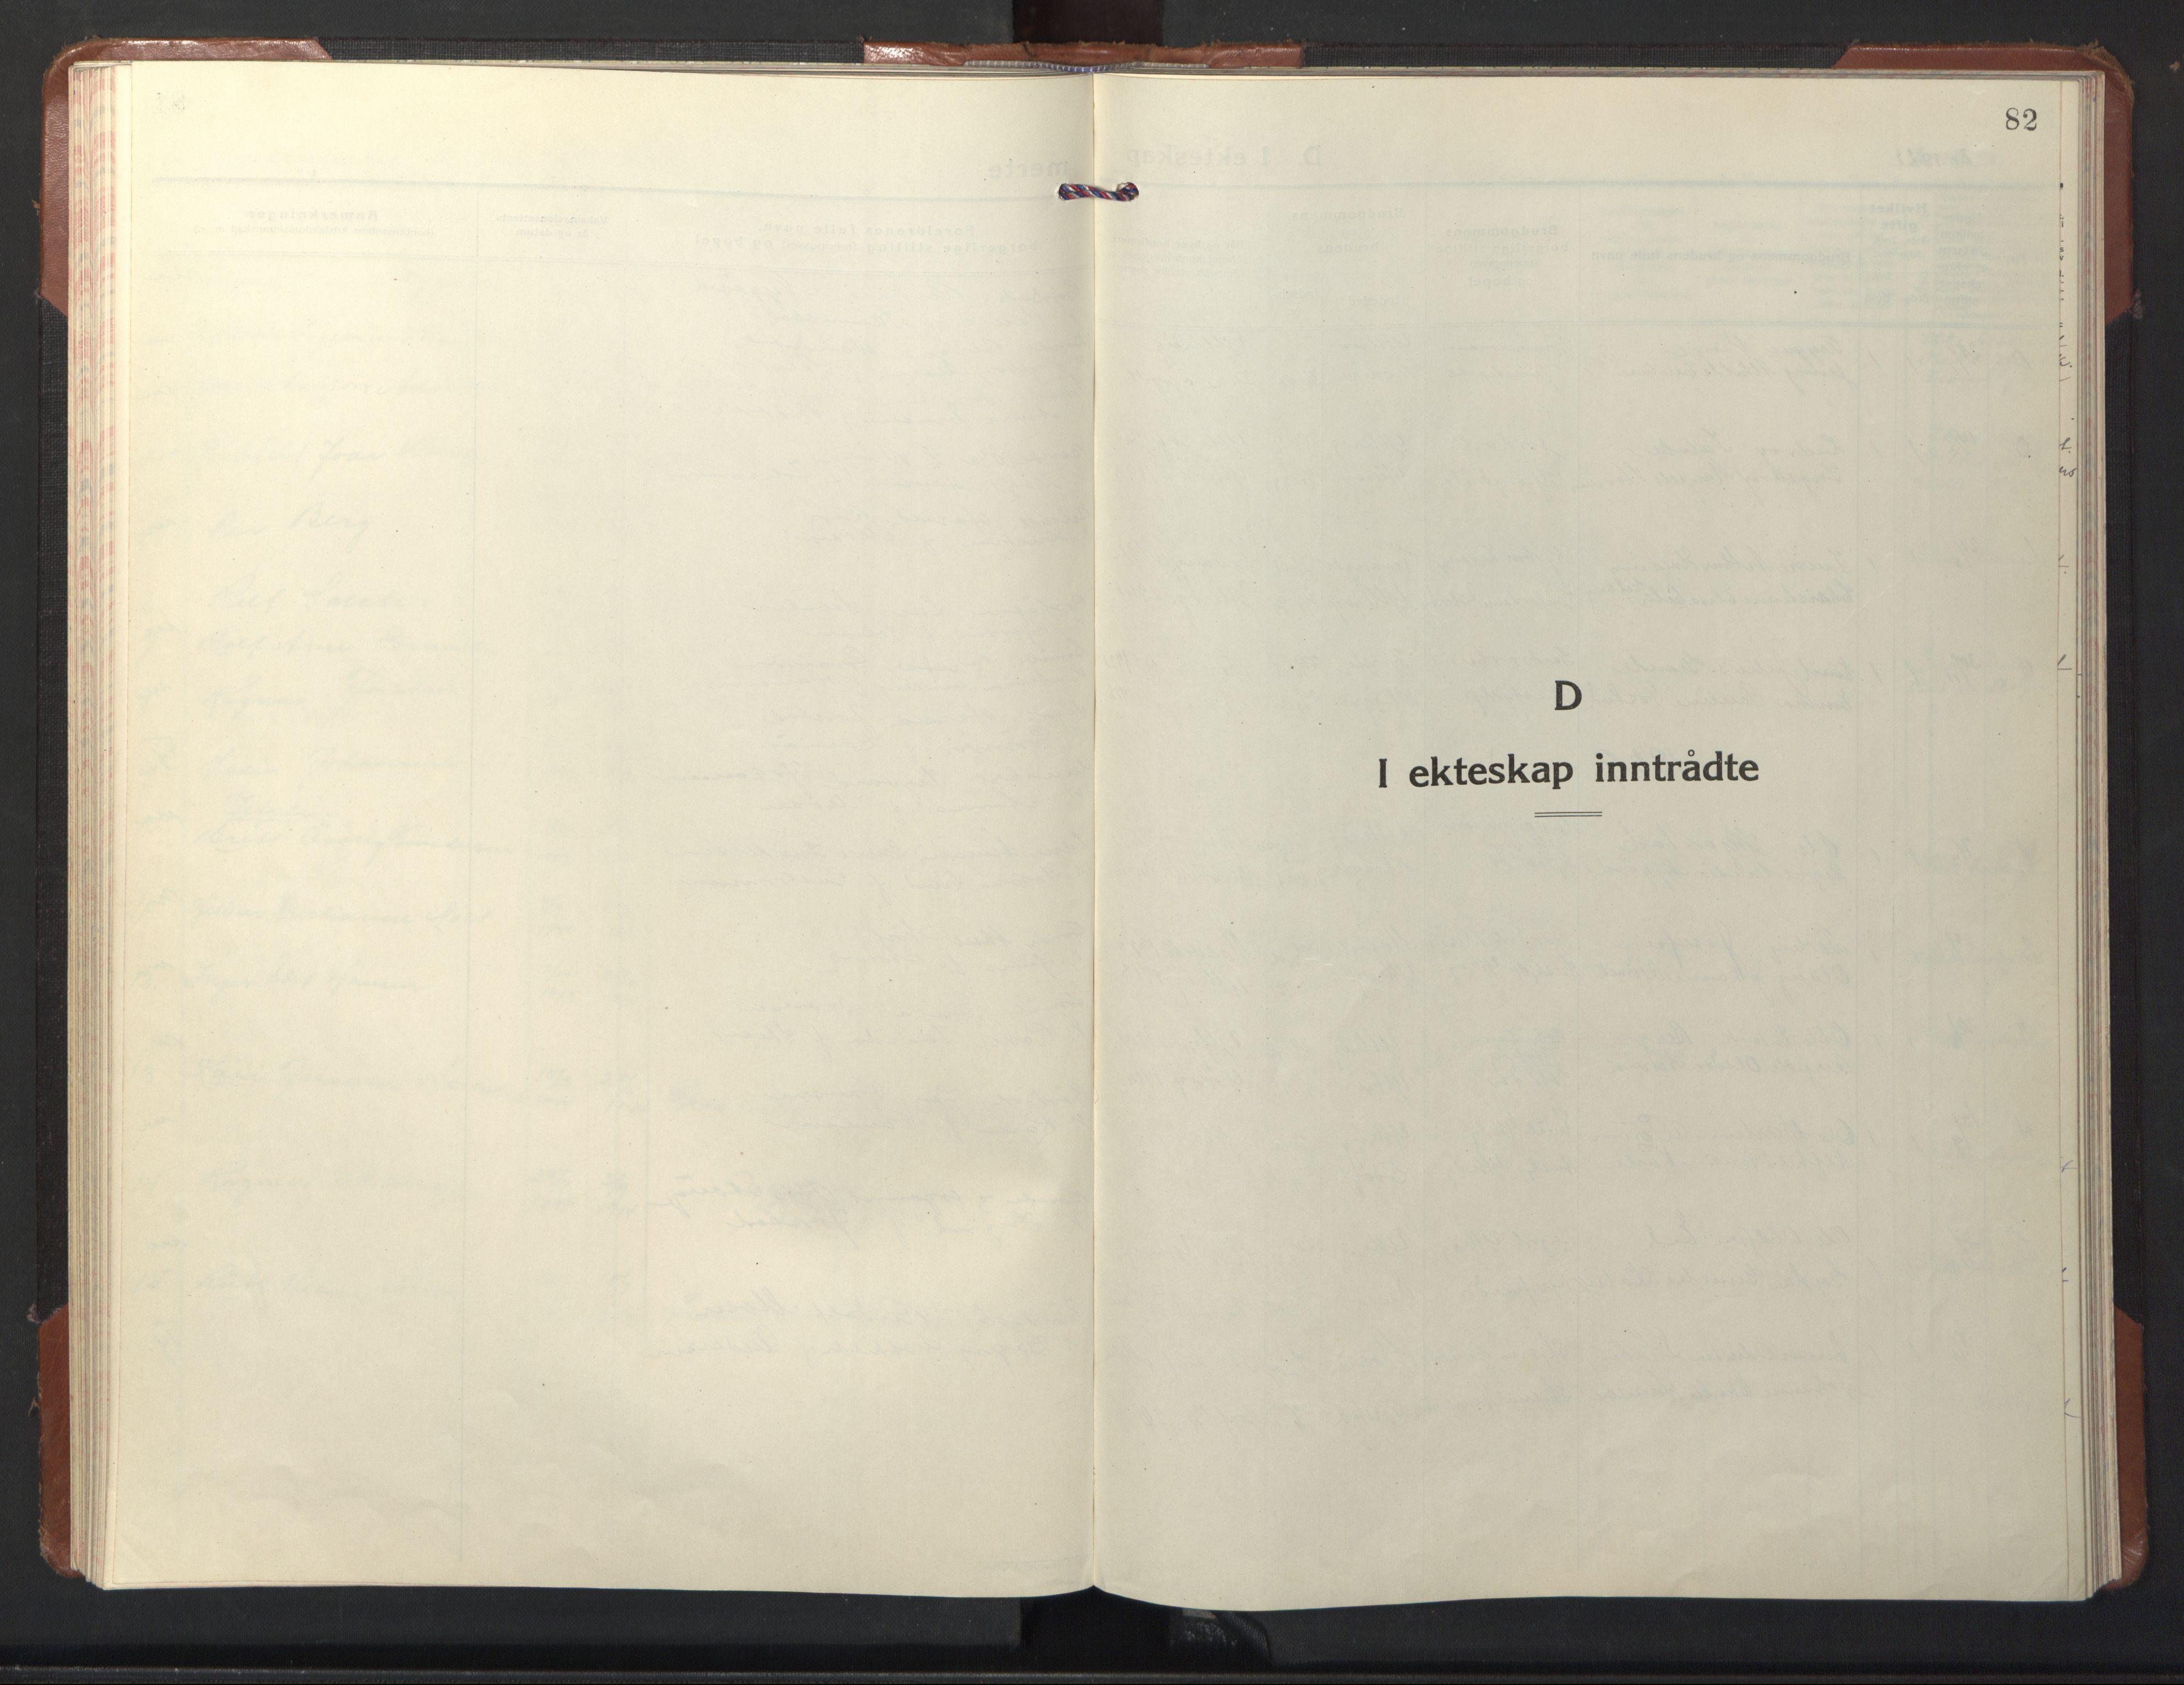 SAT, Ministerialprotokoller, klokkerbøker og fødselsregistre - Nord-Trøndelag, 722/L0227: Klokkerbok nr. 722C03, 1928-1958, s. 82